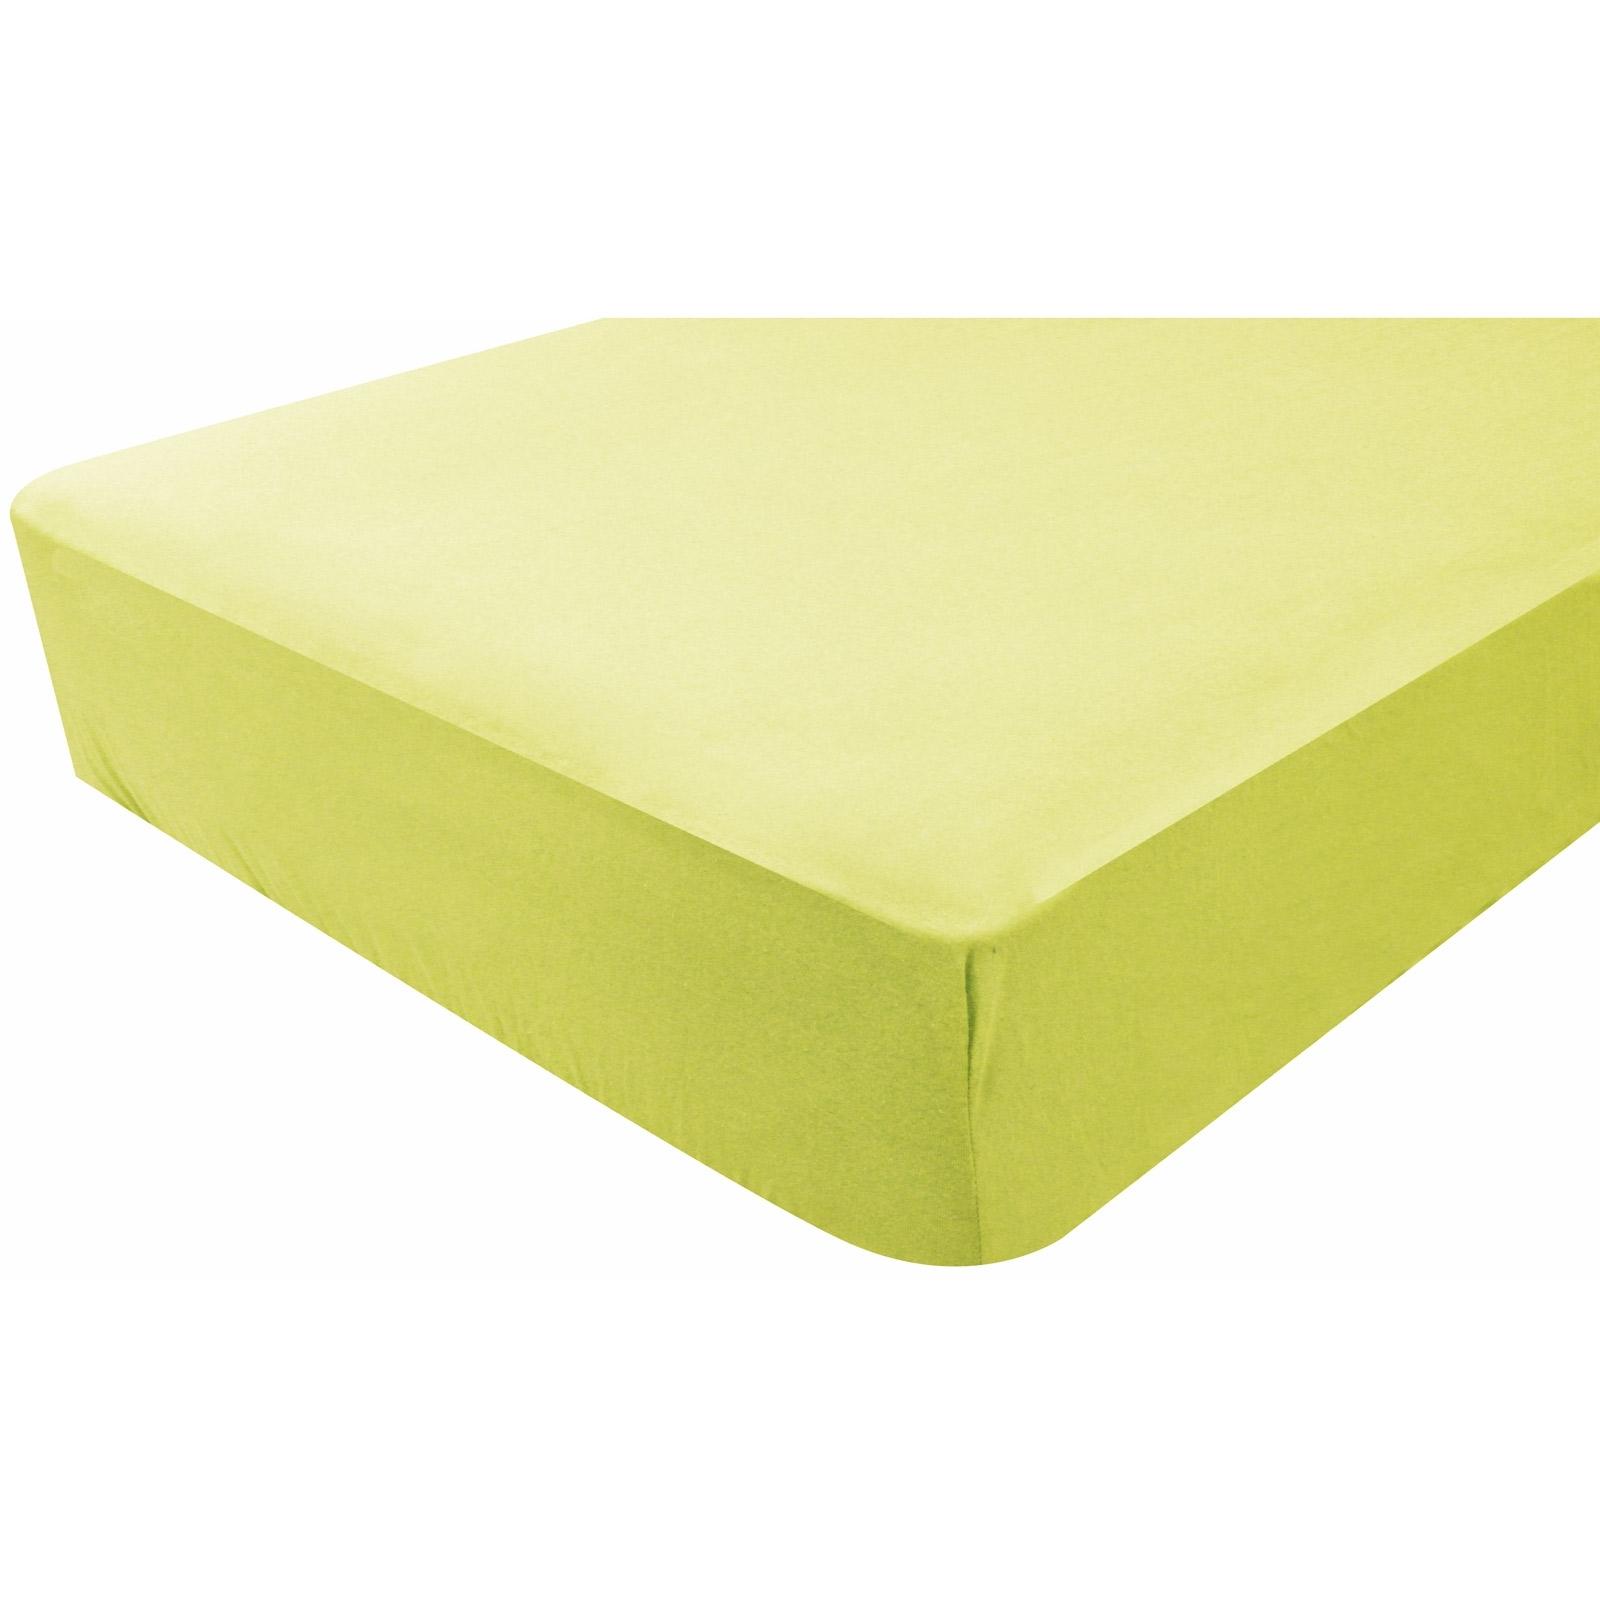 drap housse imperm able vert anis doux nid mod le 60x120 cm. Black Bedroom Furniture Sets. Home Design Ideas